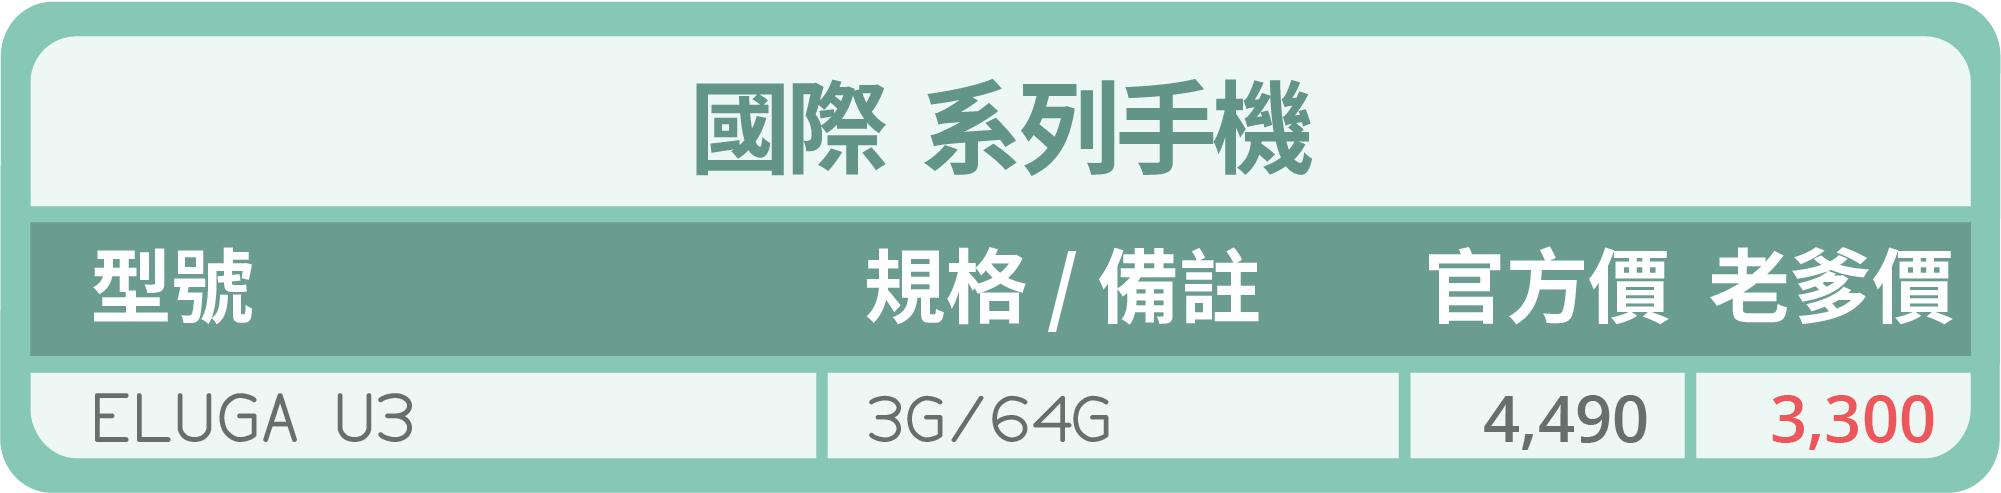 國際手機優惠價-台中買手機推薦